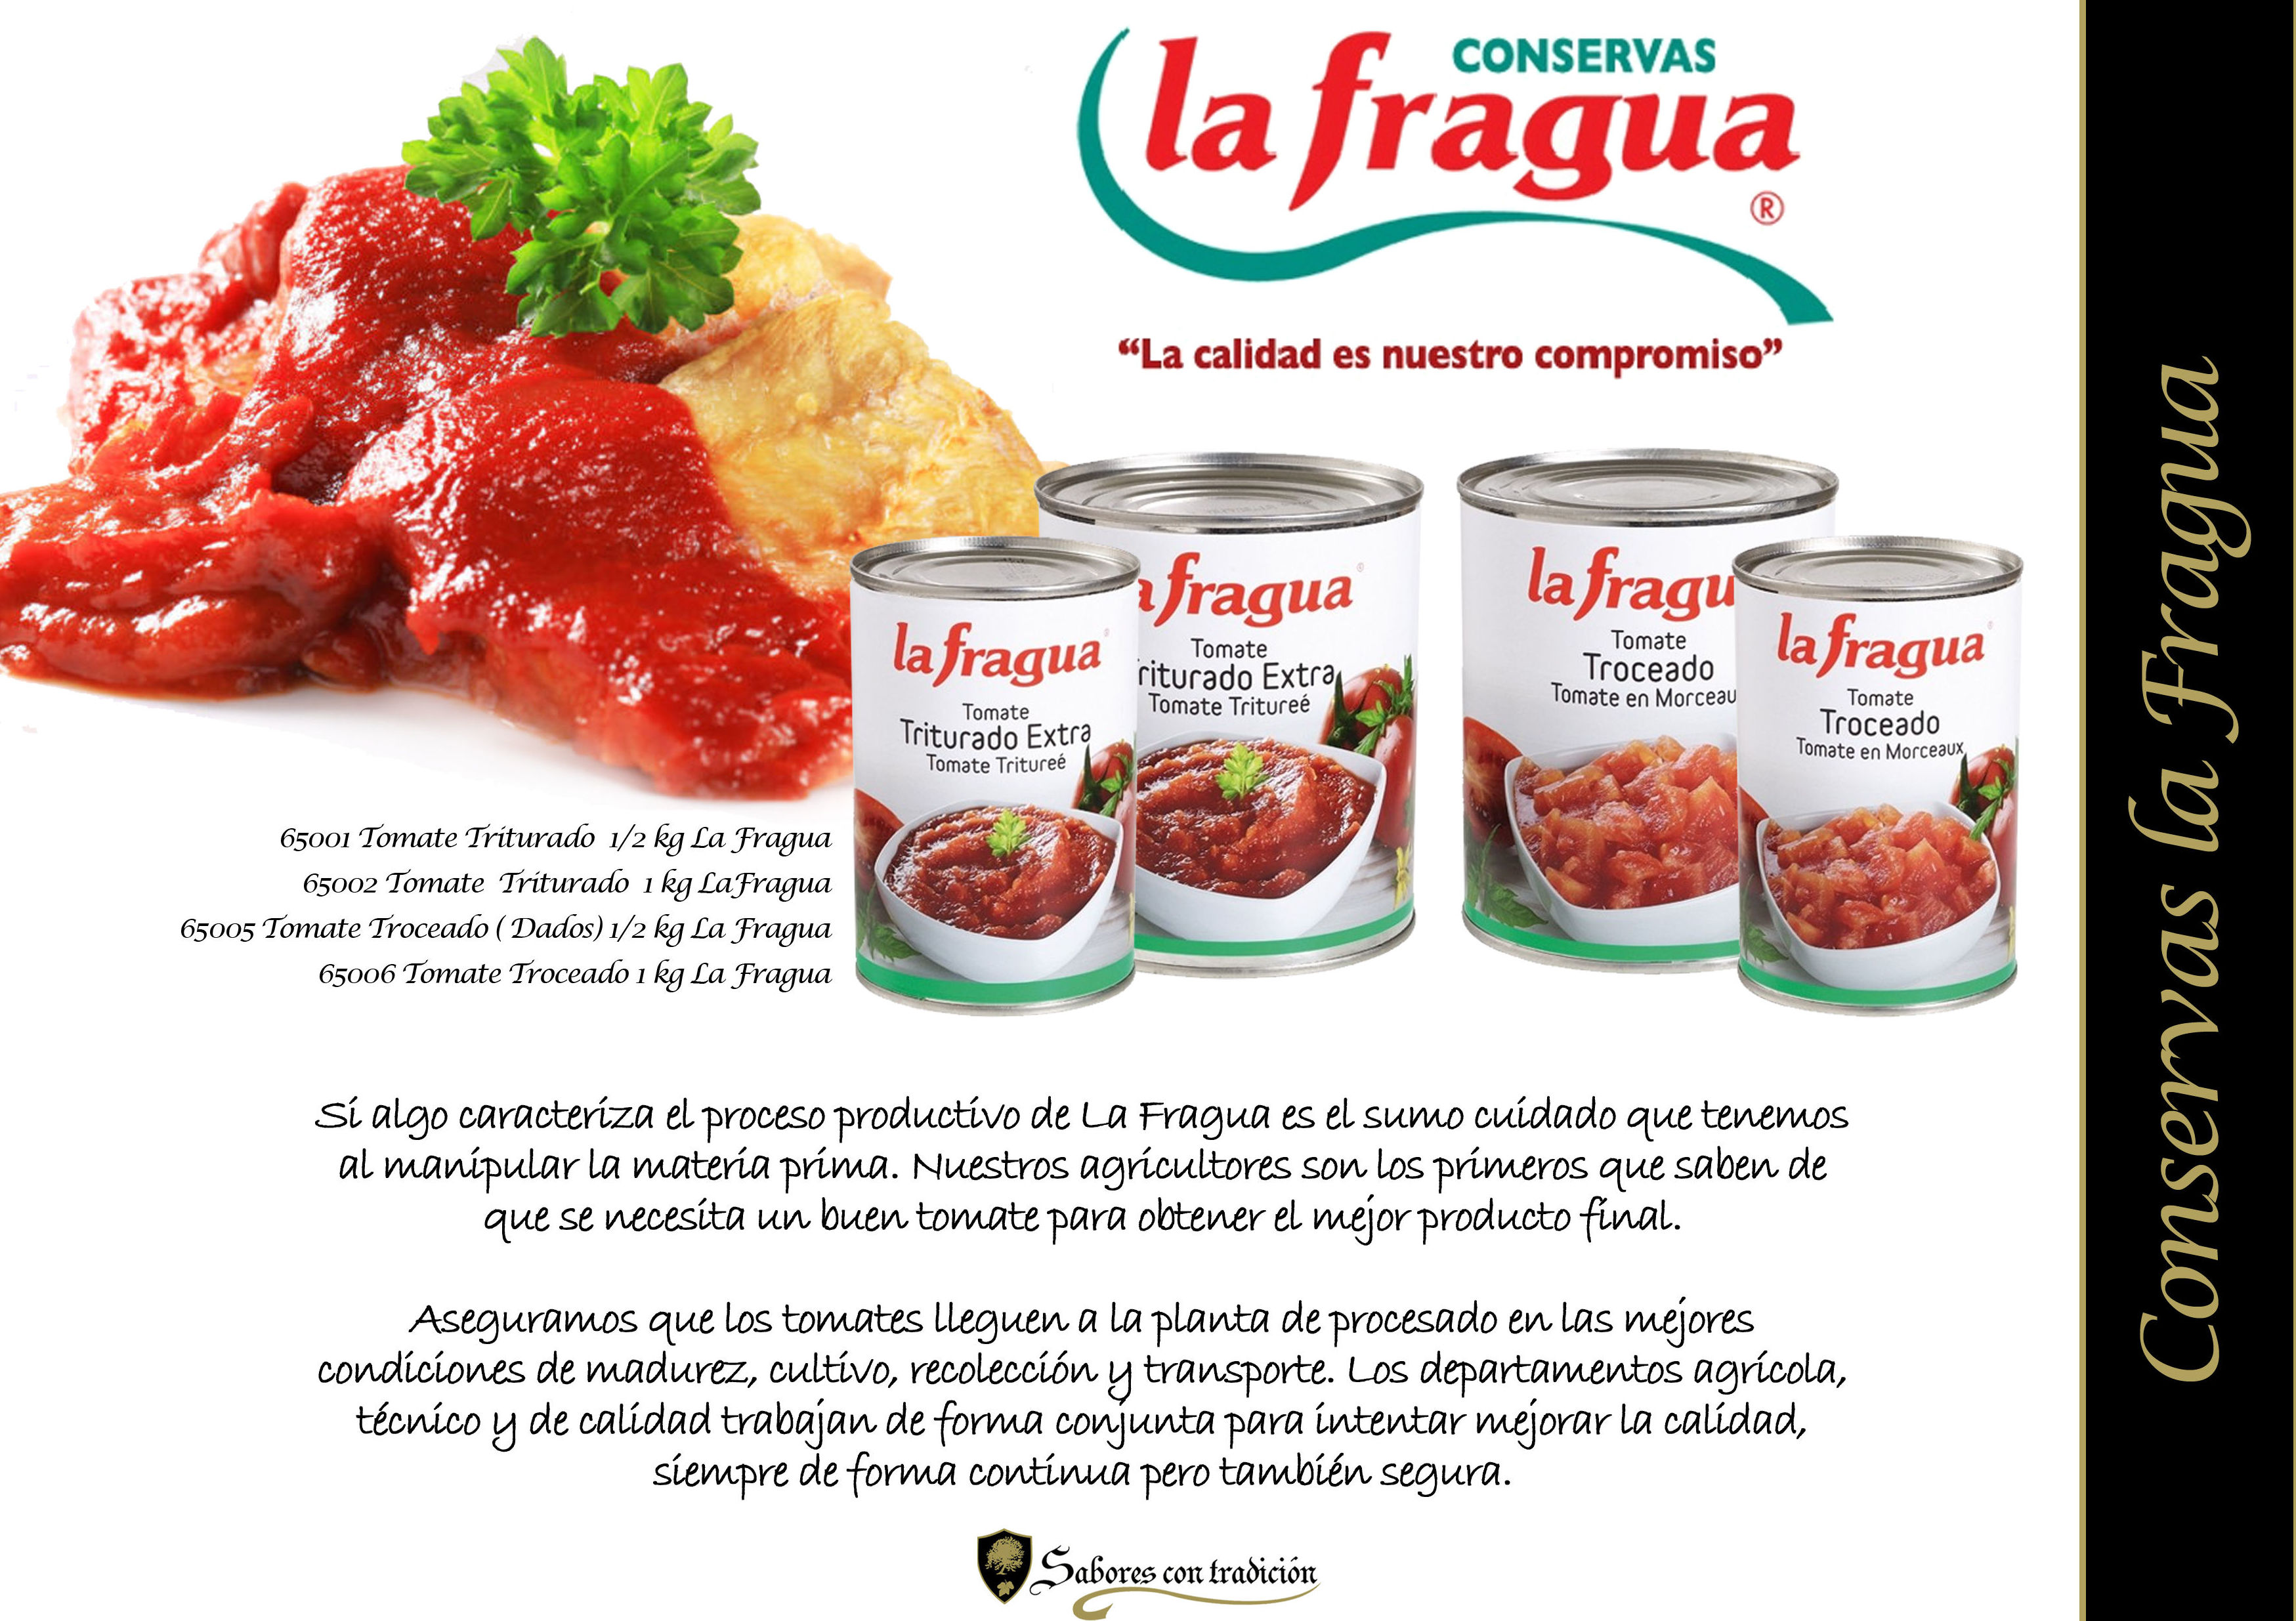 """Tomate Natural Triturado y Troceado """" Conservas La Fragua """": Productos de Sabores con tradición"""